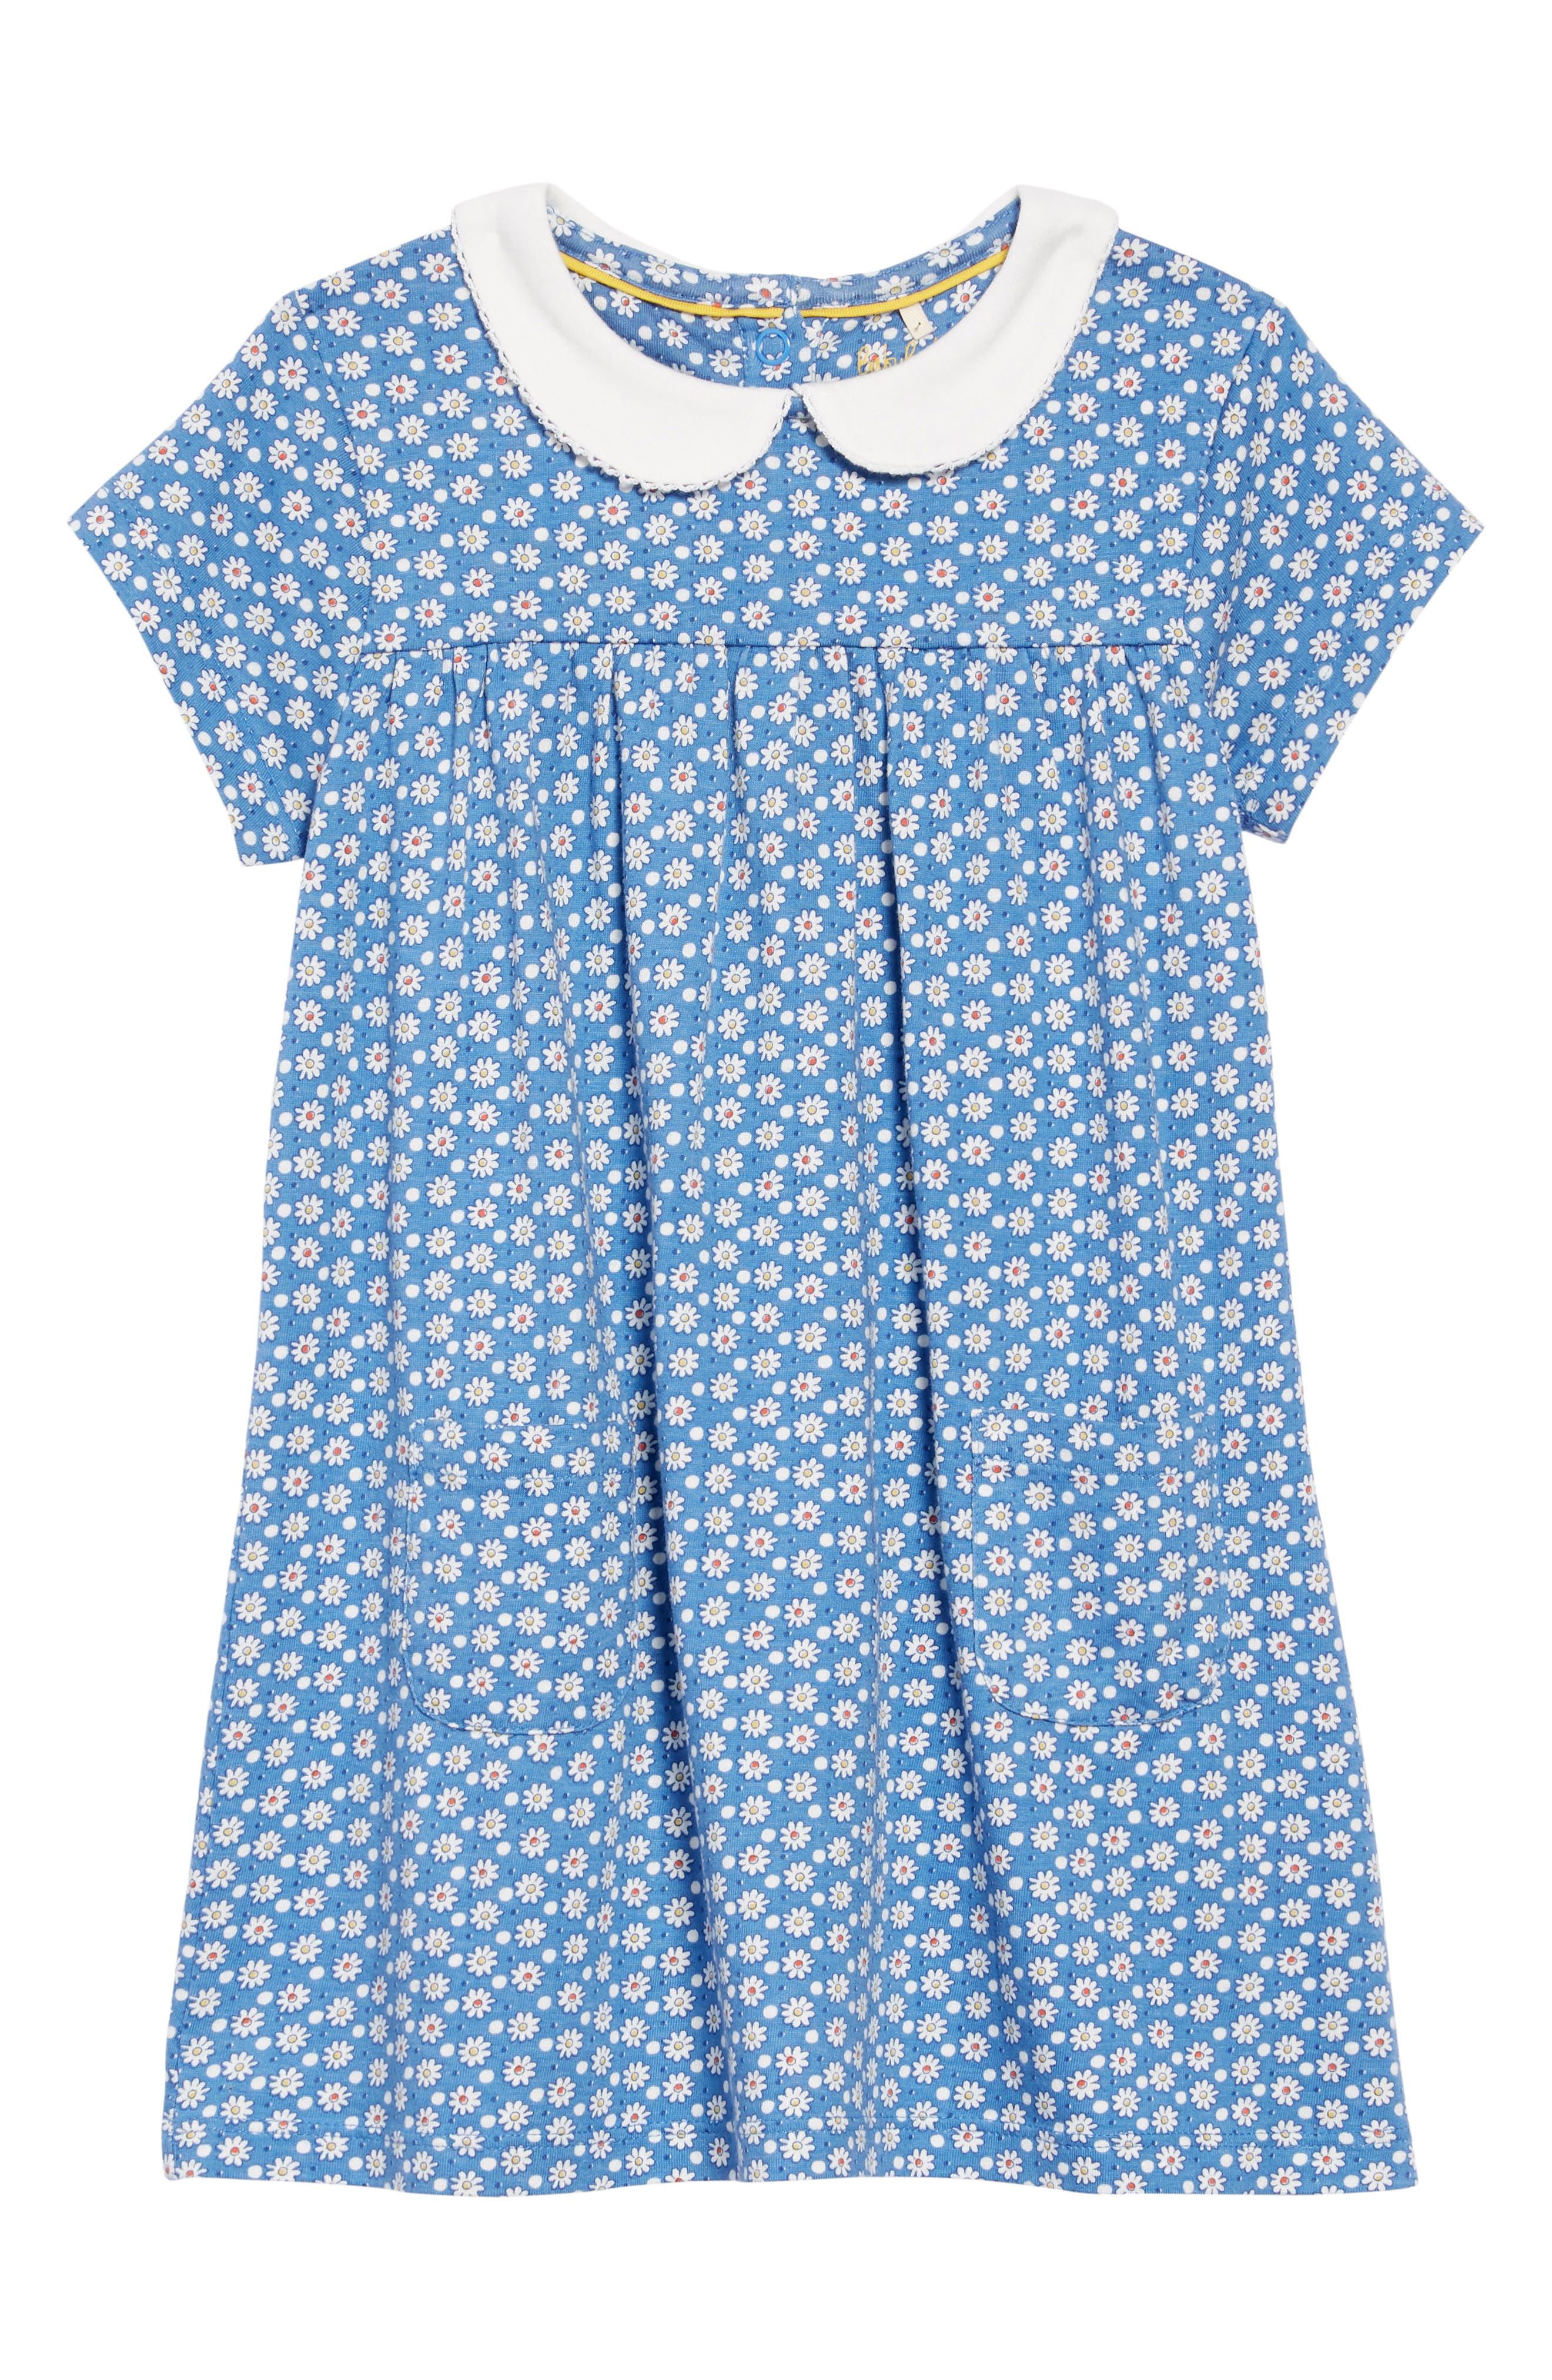 Peter Pan Collar Jersey Dress, Main, color, BLU IVORY DAISY DOT